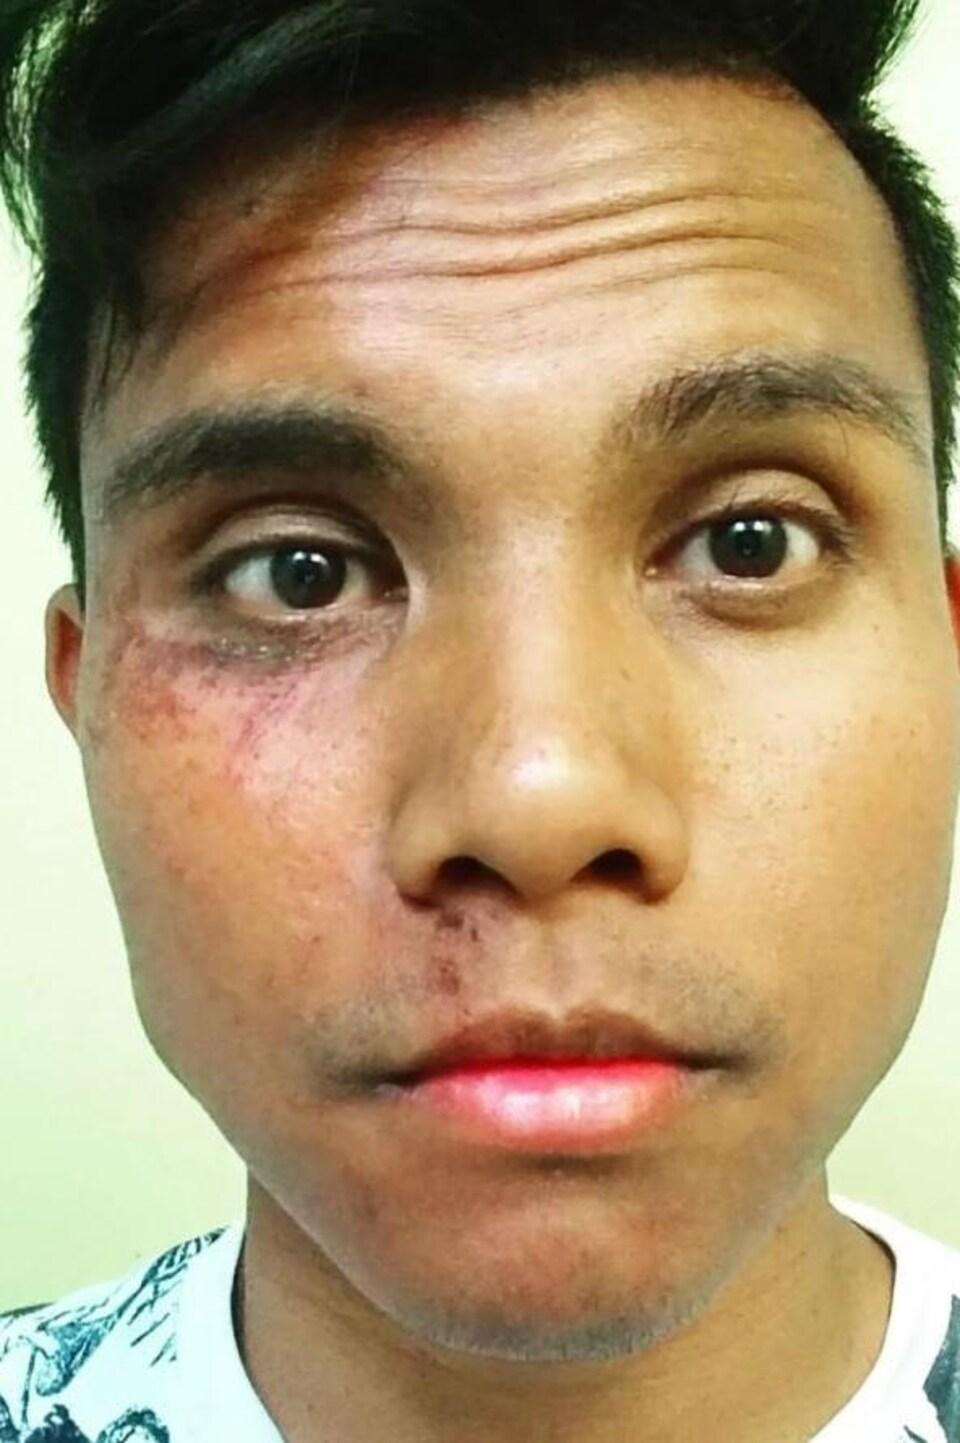 Un jeune homme avec des contusions et des coupure sur une moitié de son visage.